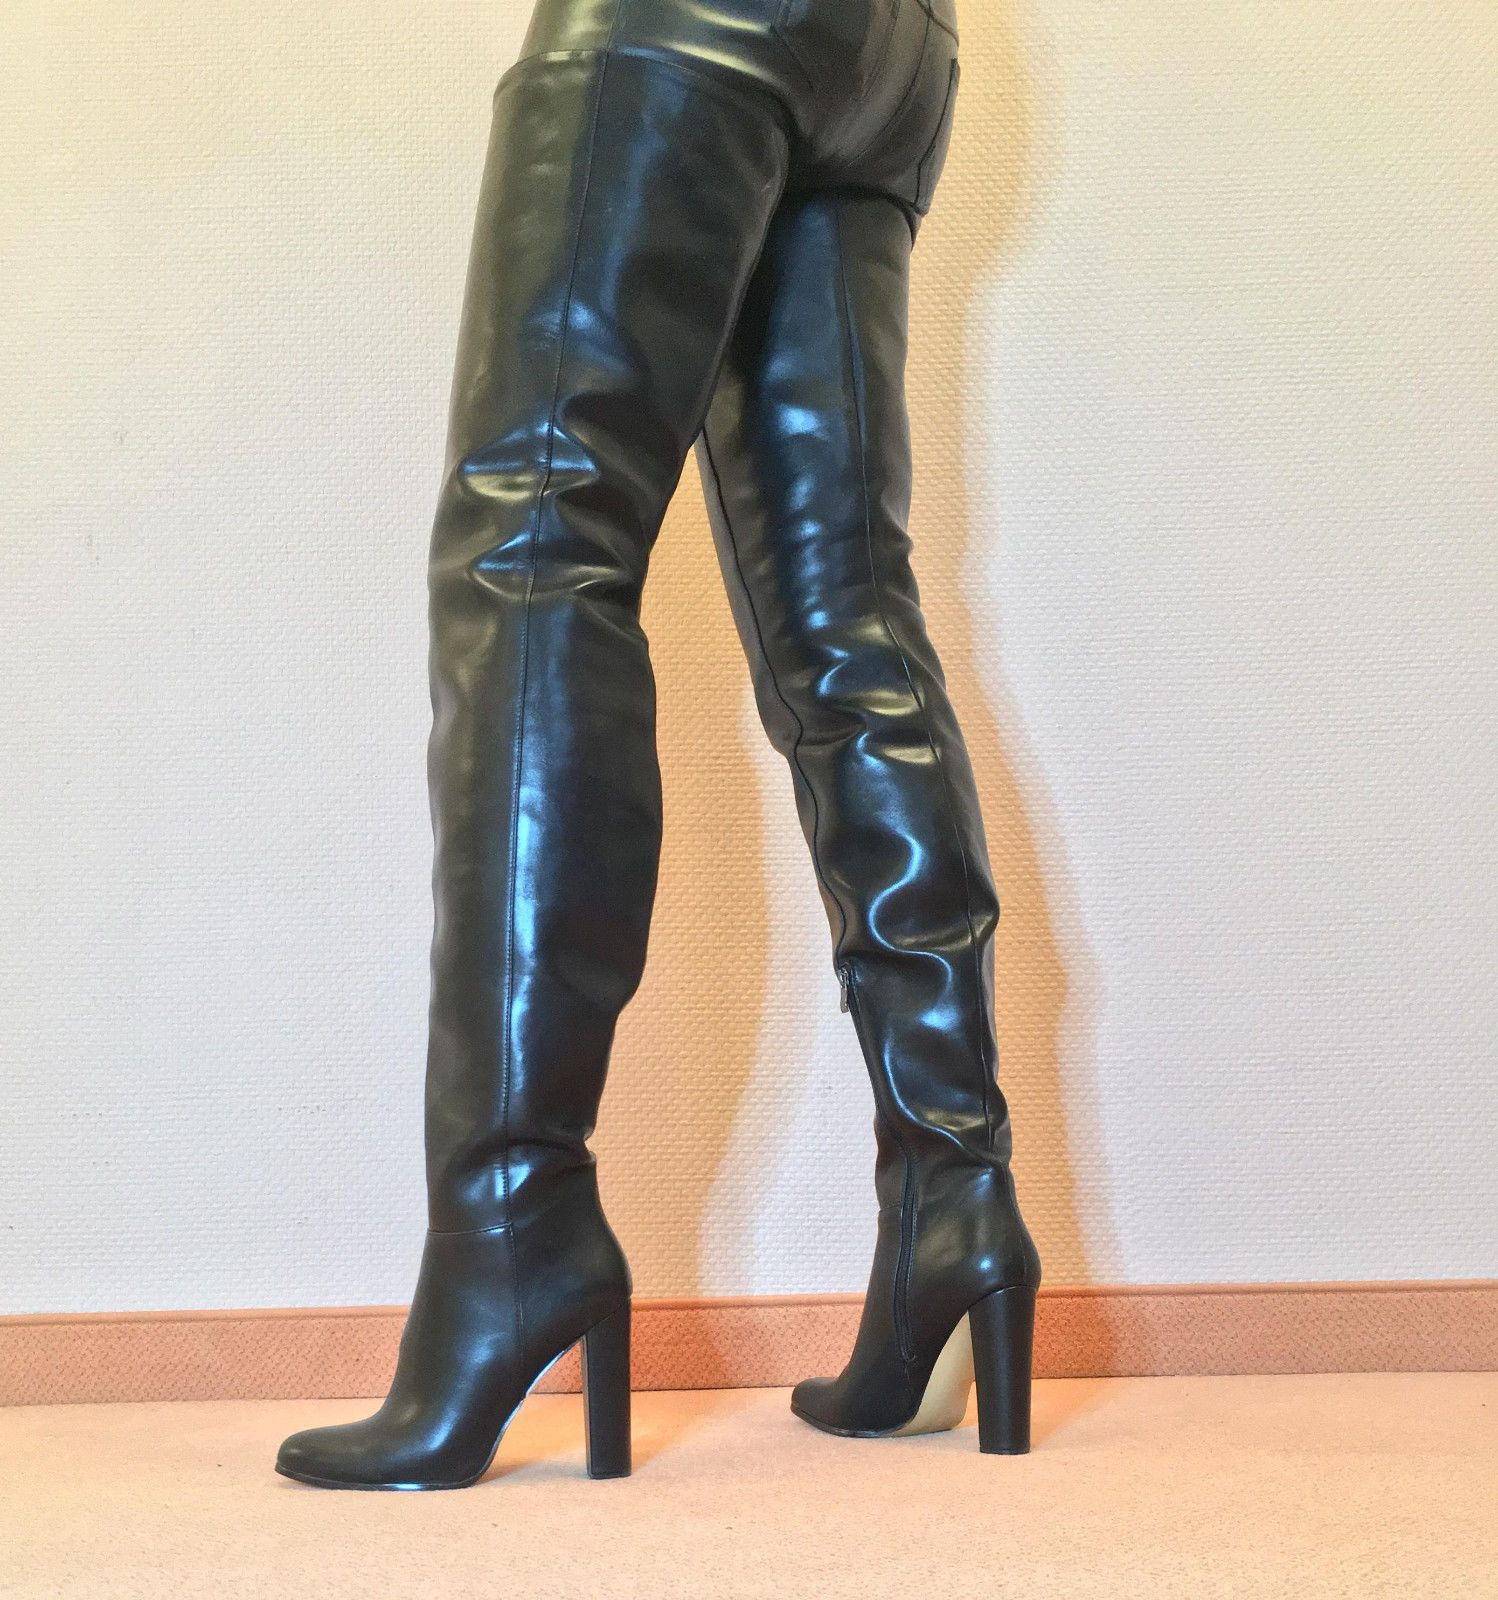 Gr.45 TOP ! Exklusiv Sexy Damen Schuhe Overknee Stiletto Stiefel Männer Boots C6